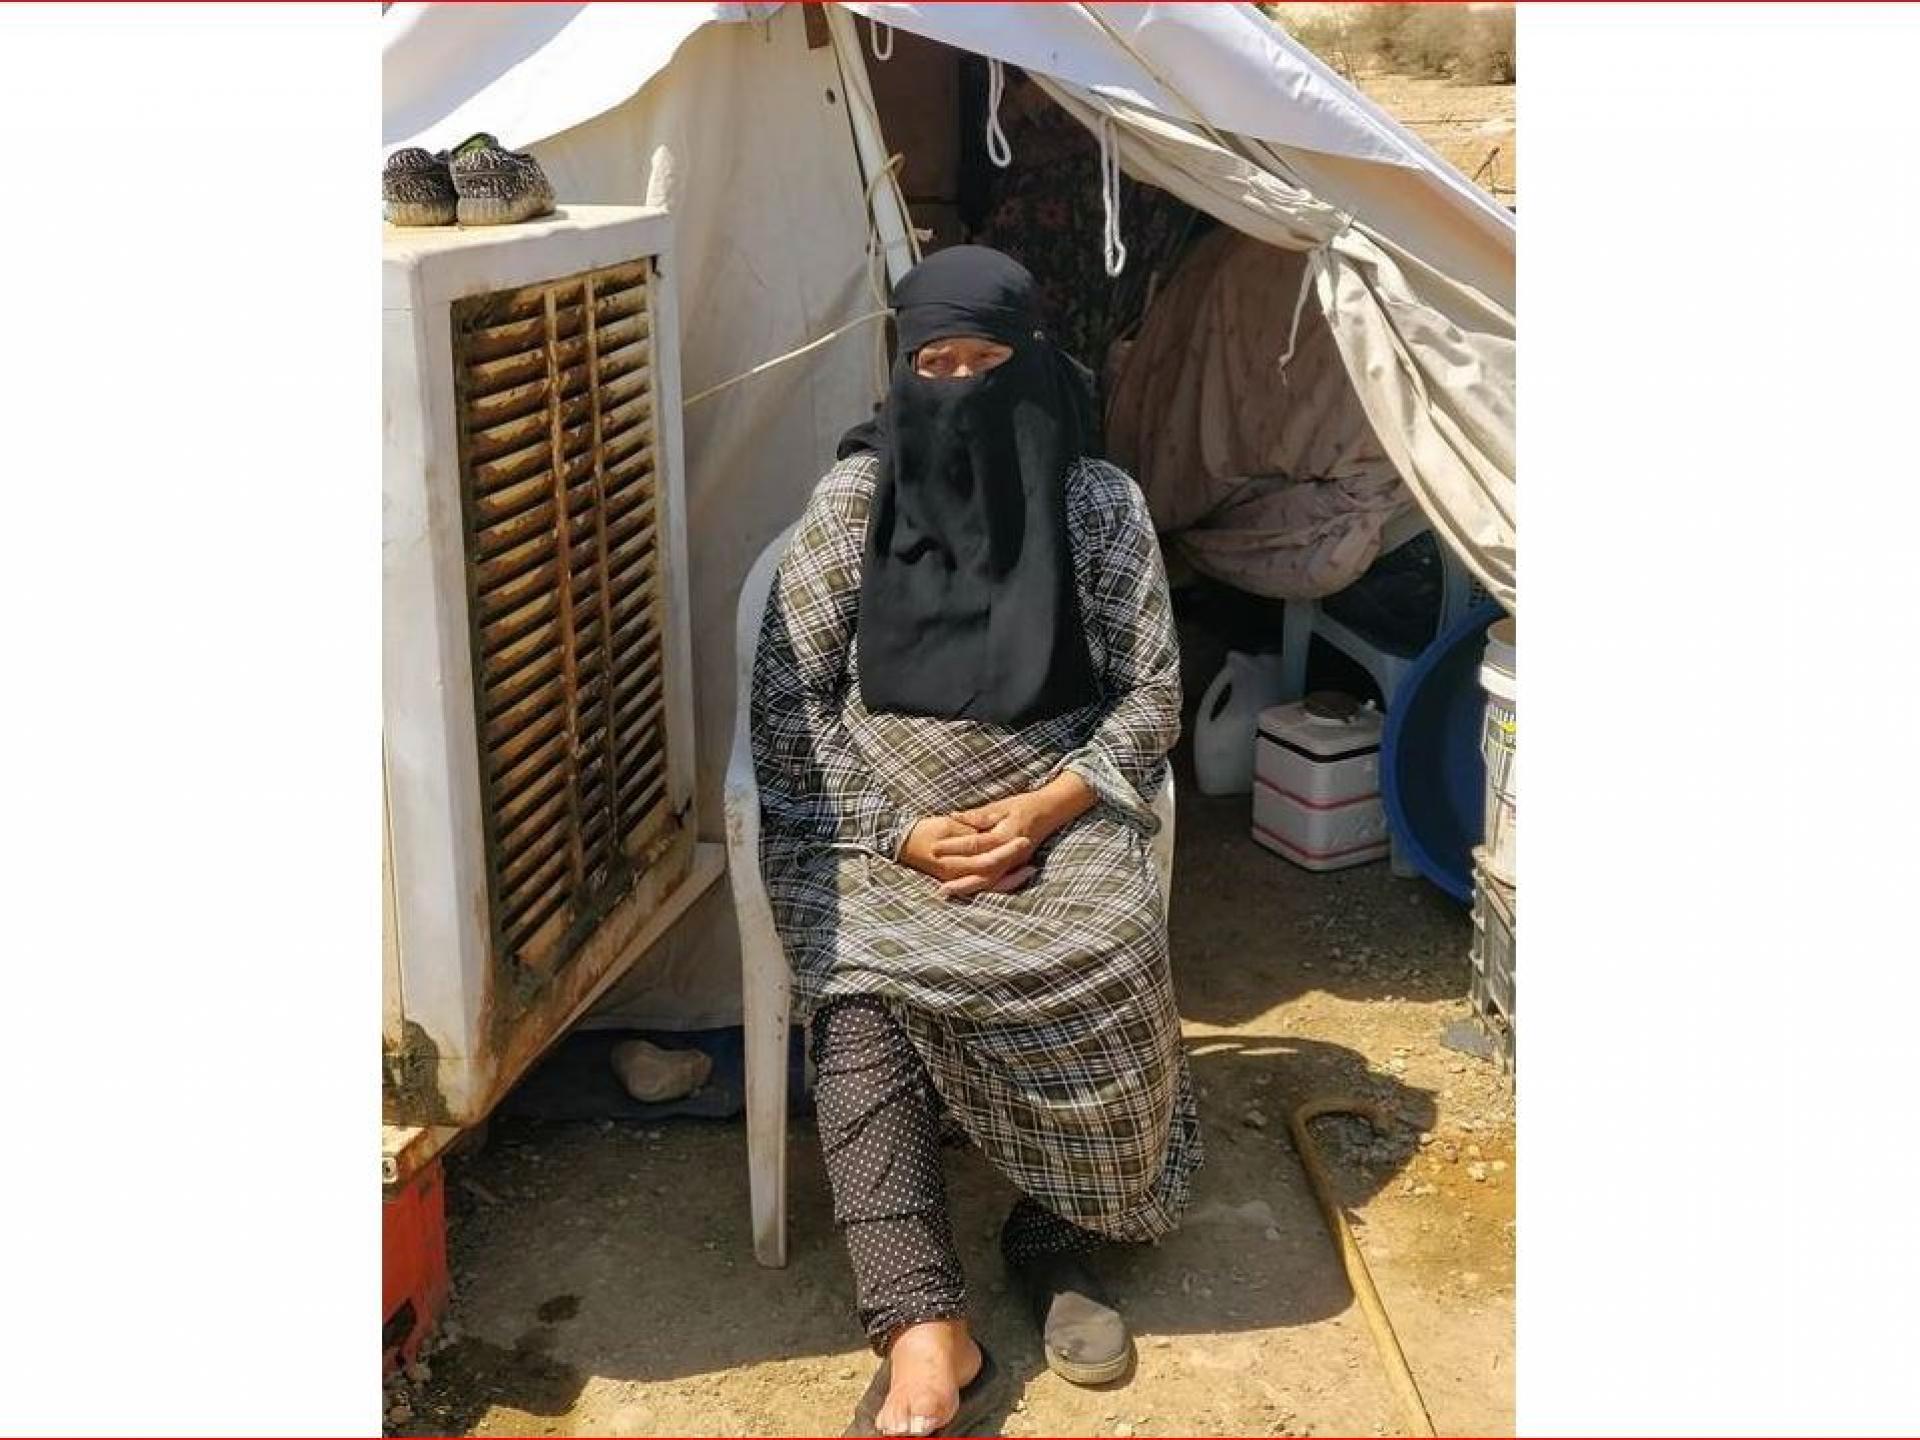 אישה יושבת בפתח אוהל מאולתר